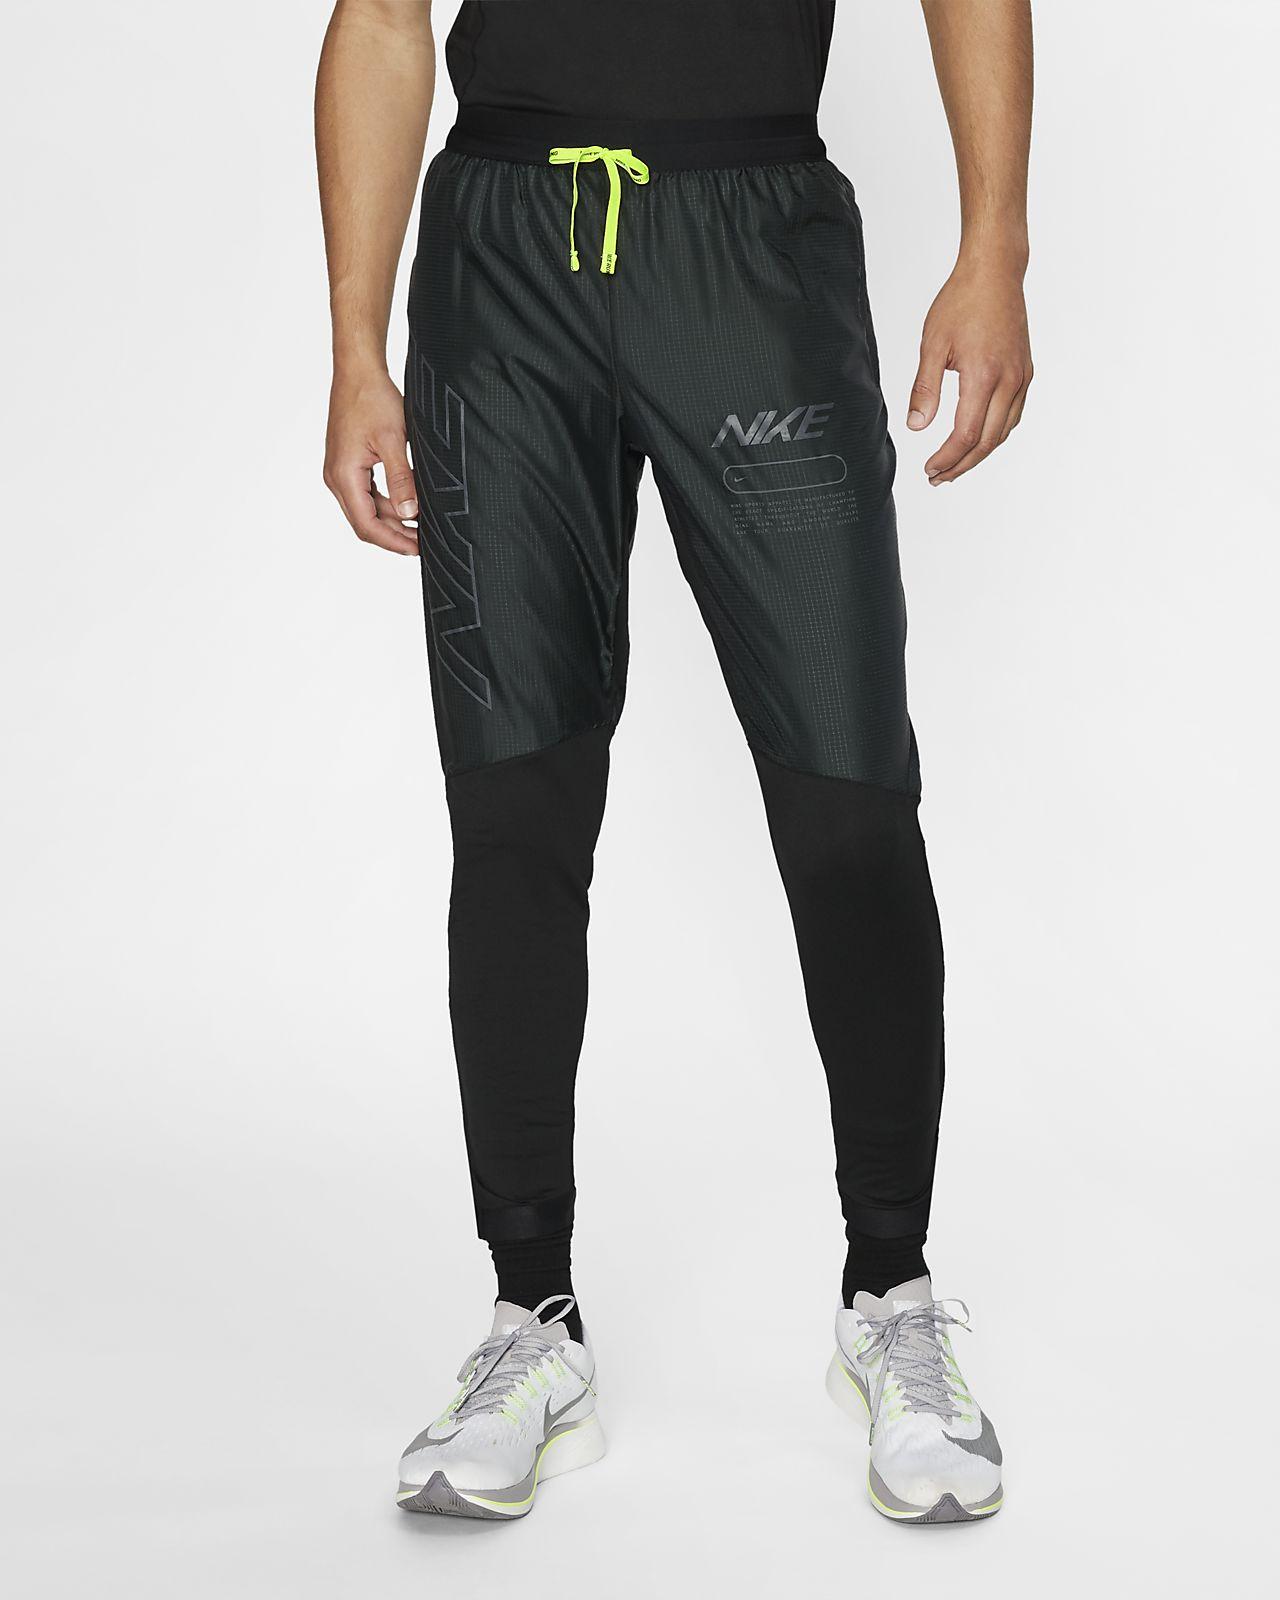 Nike Air Phenom 男款田徑長褲